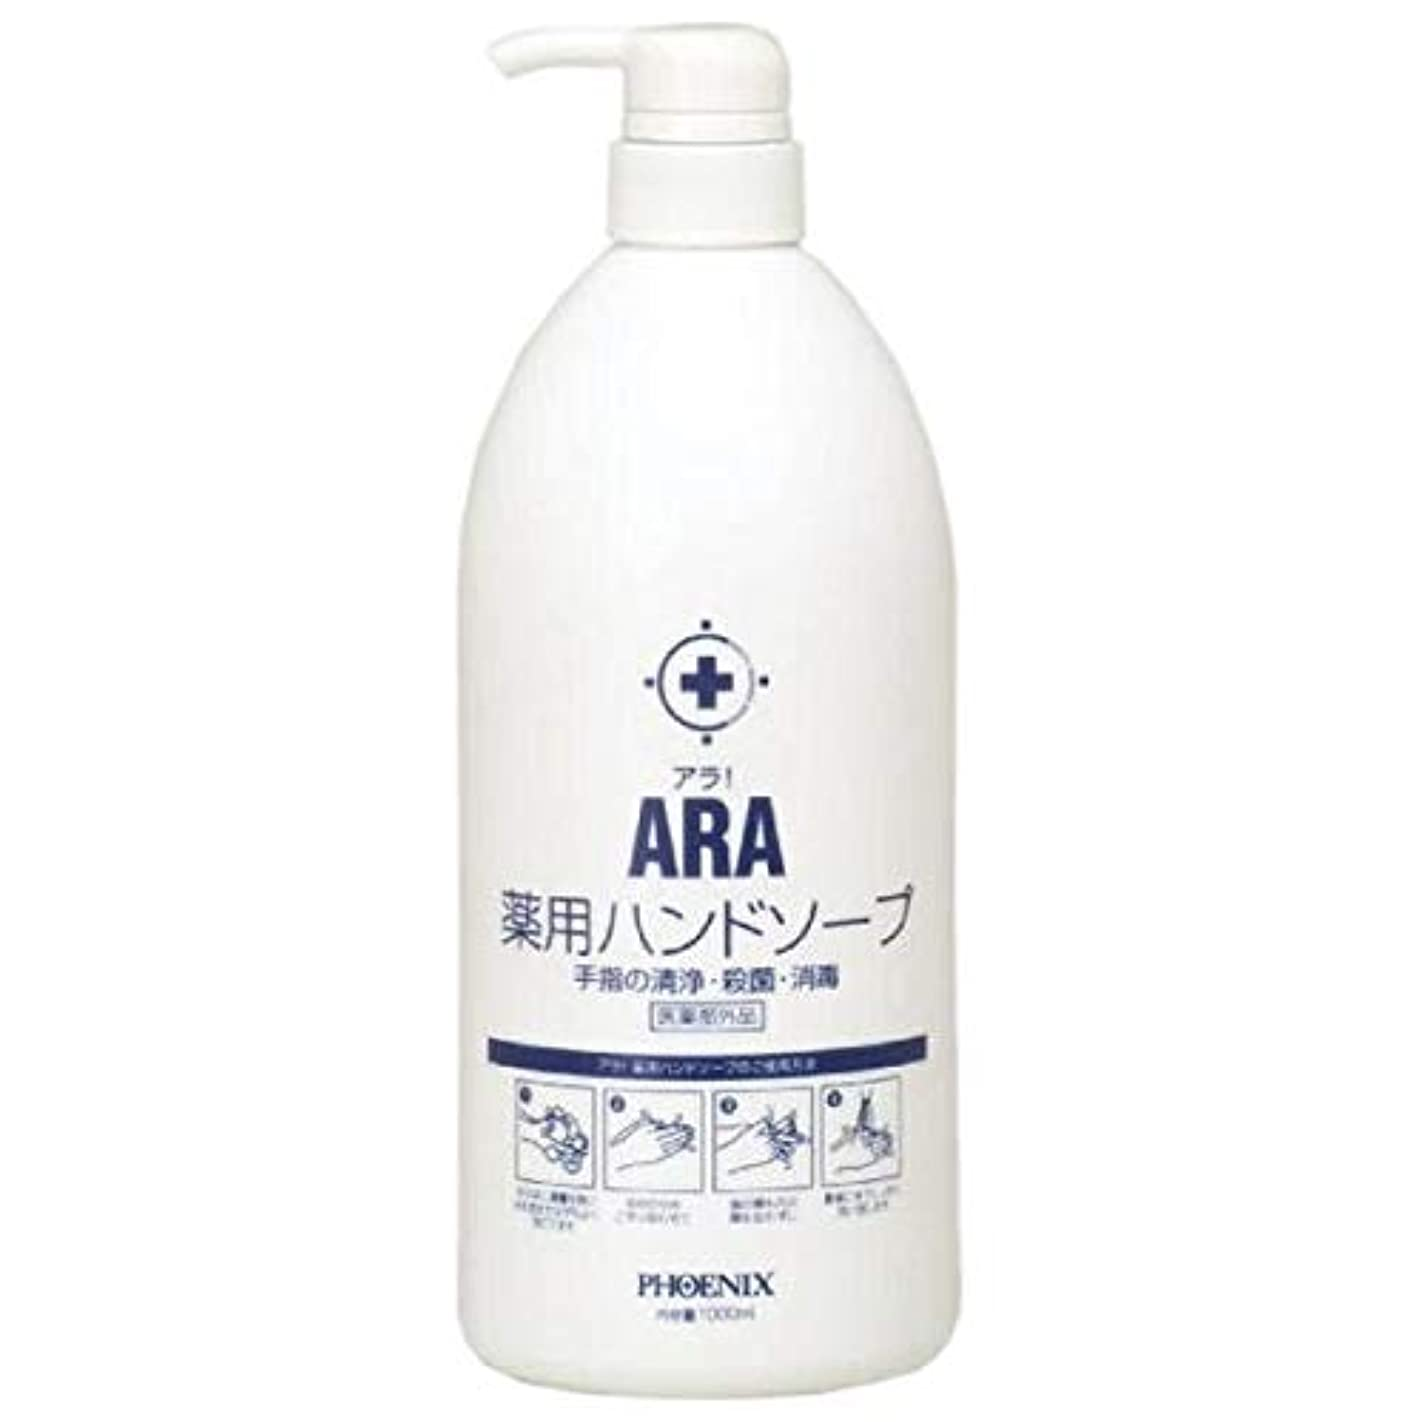 斧レクリエーションソーシャルARA 薬用ハンドソープ(ボトルタイプ) 1000ml×10本入